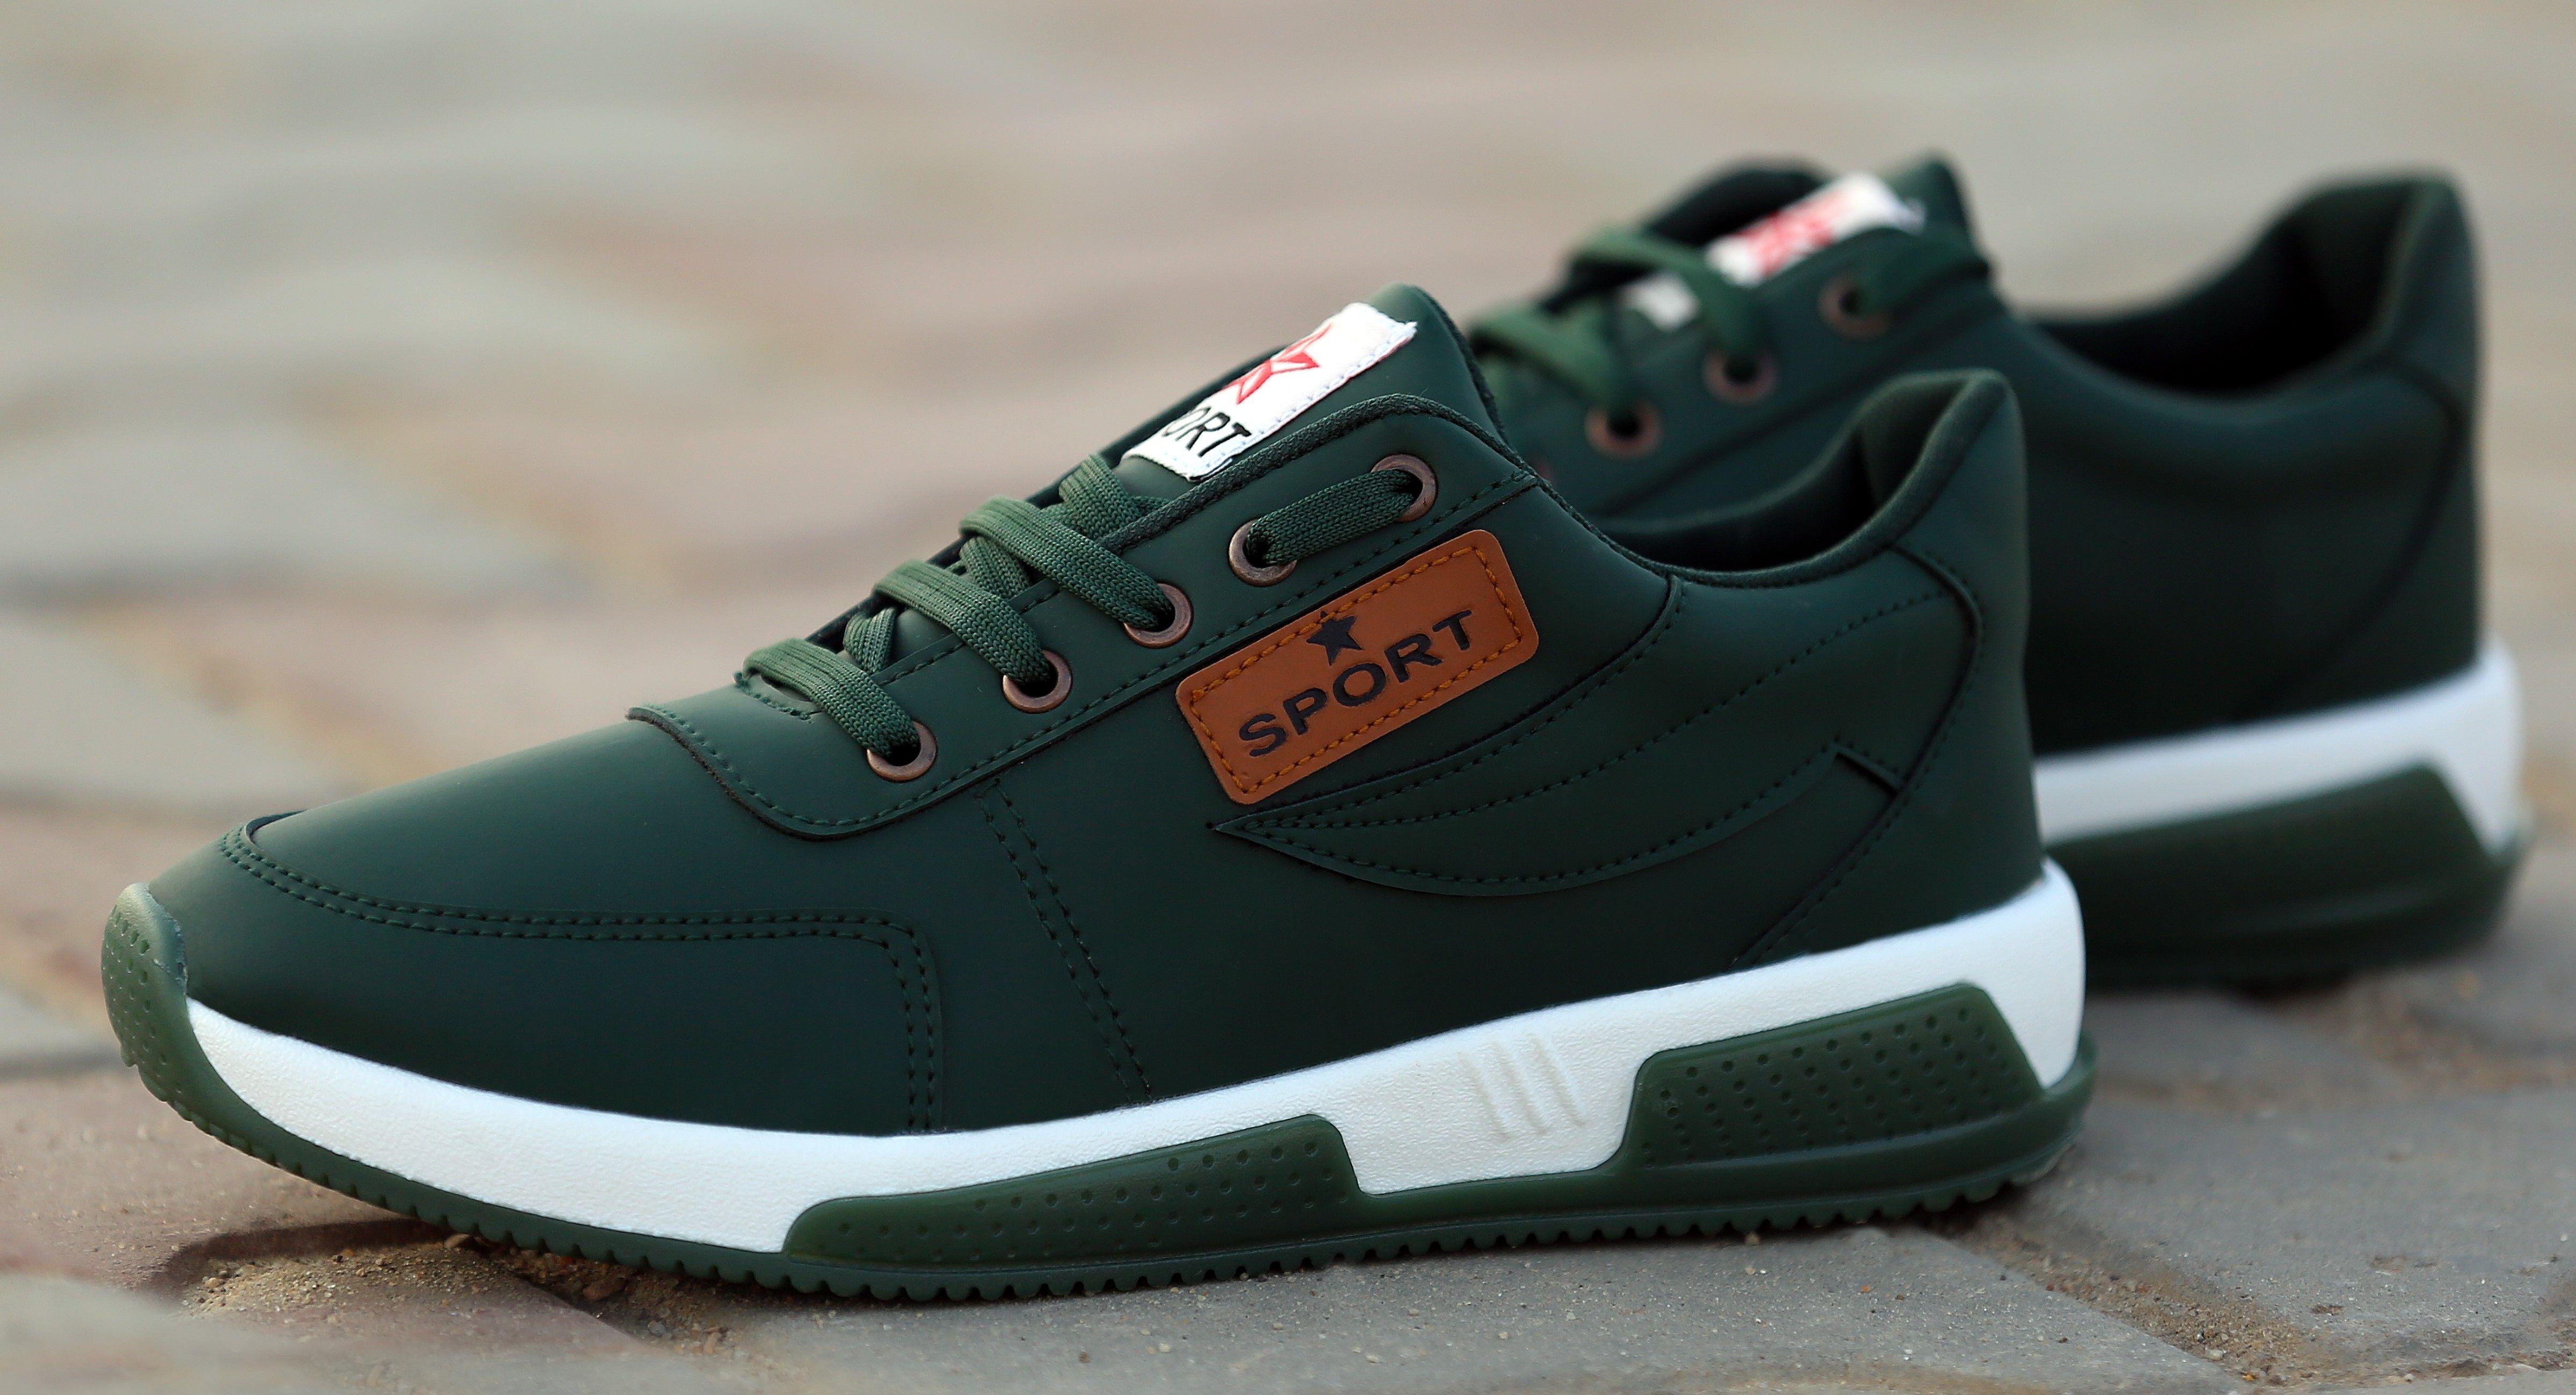 كوتش سبورت الرياضى ب 164ج فقط بدل من 264ج Shoe Brands Shoes Sneakers